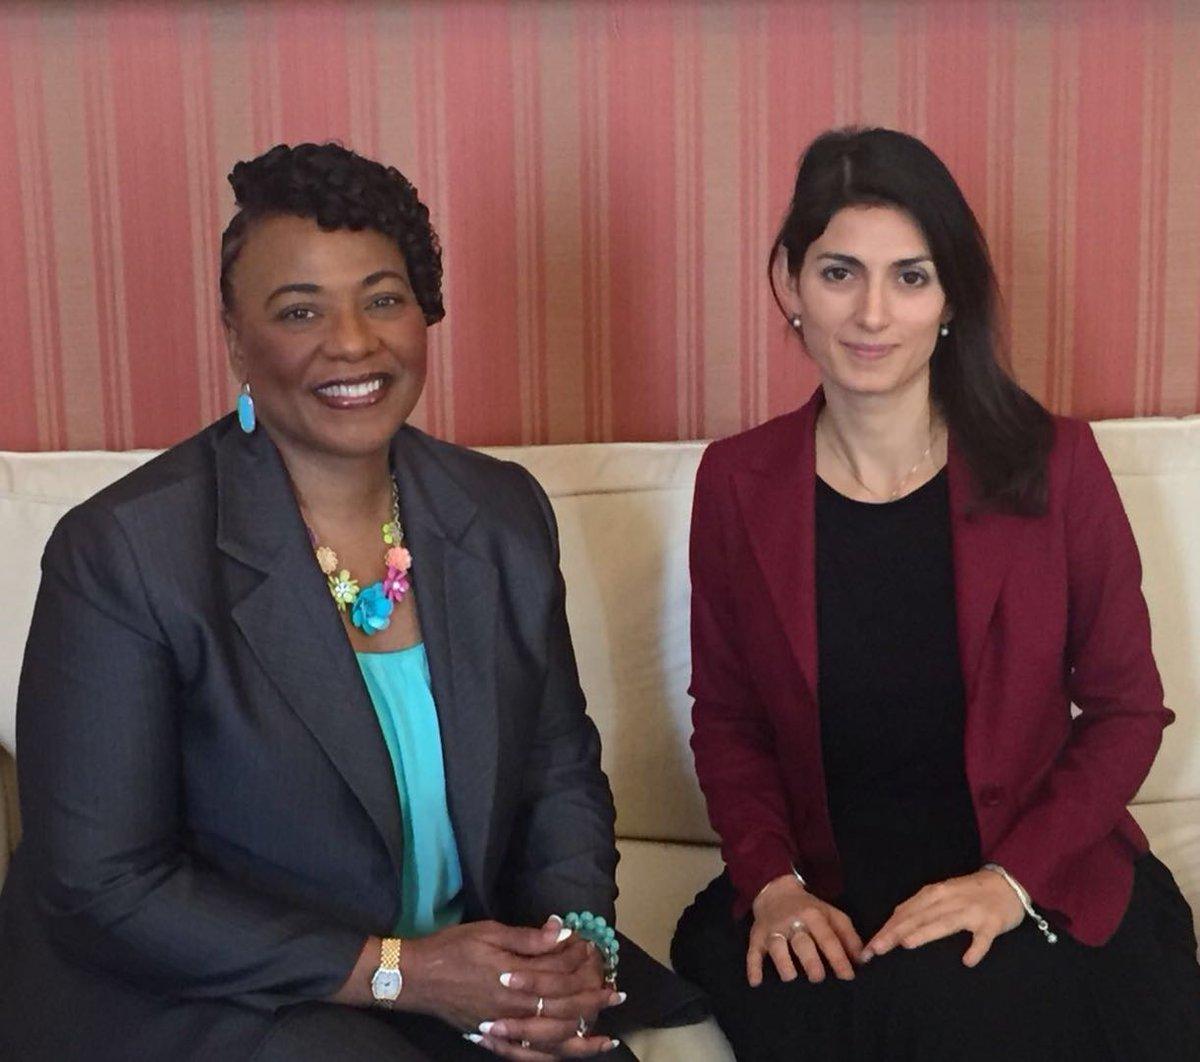 Lestremismo dellamore è lunica risposta possibile agli estremismi dellodio. Oggi con Bernice King figlia di Martin Luther King, leader della non violenza ucciso 50 anni fa.